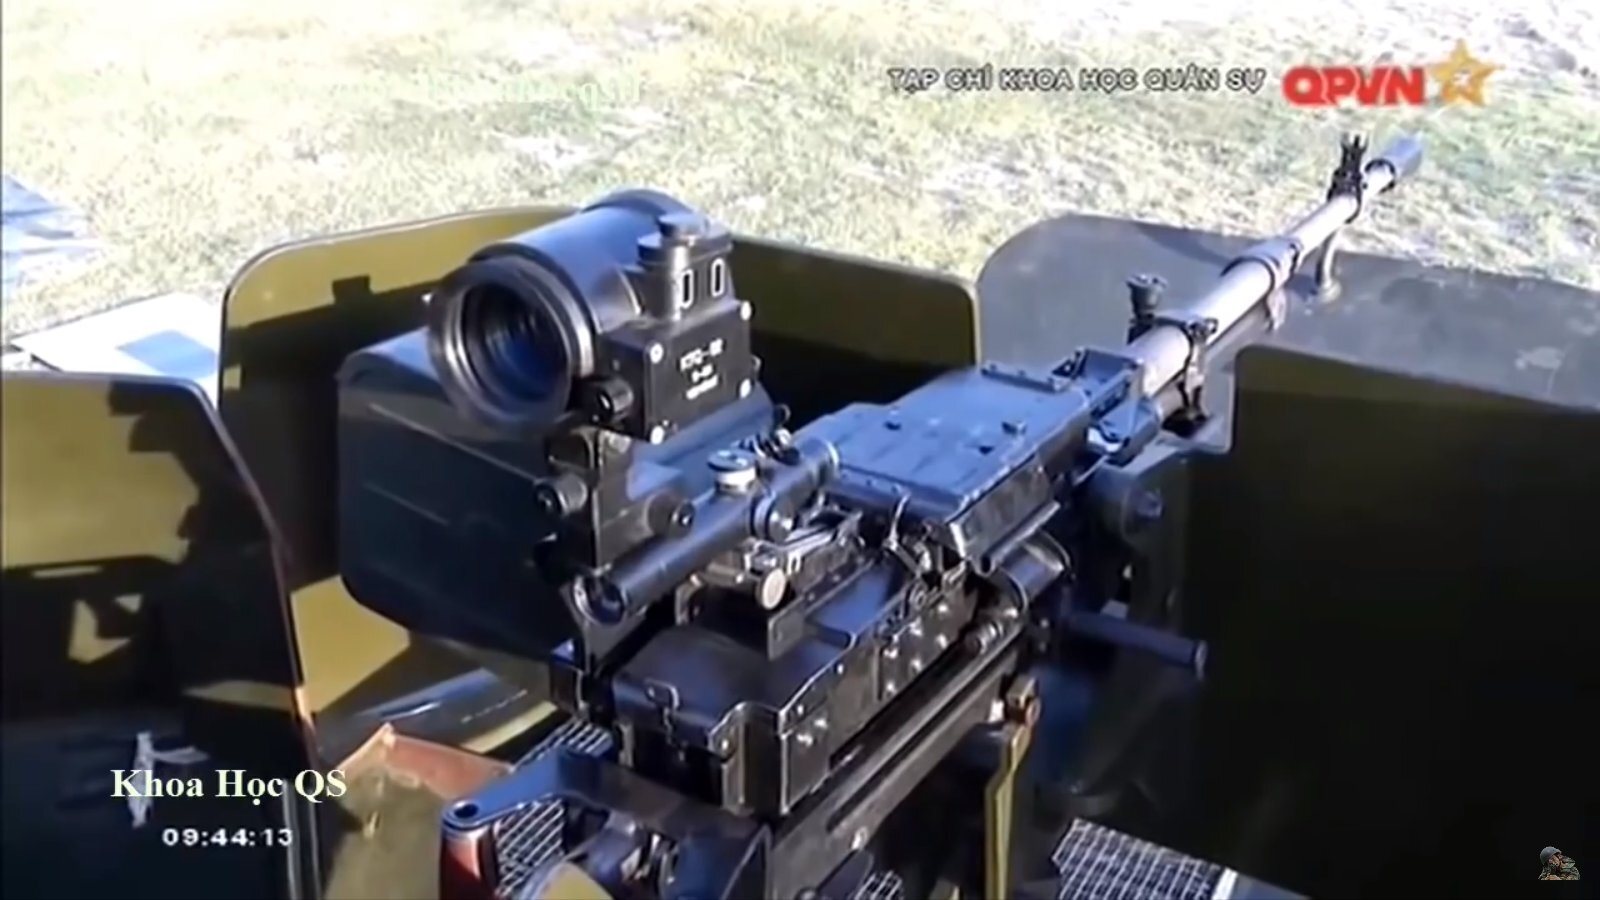 Във Виетнам на американските БТР M113 качиха съветско оръжие